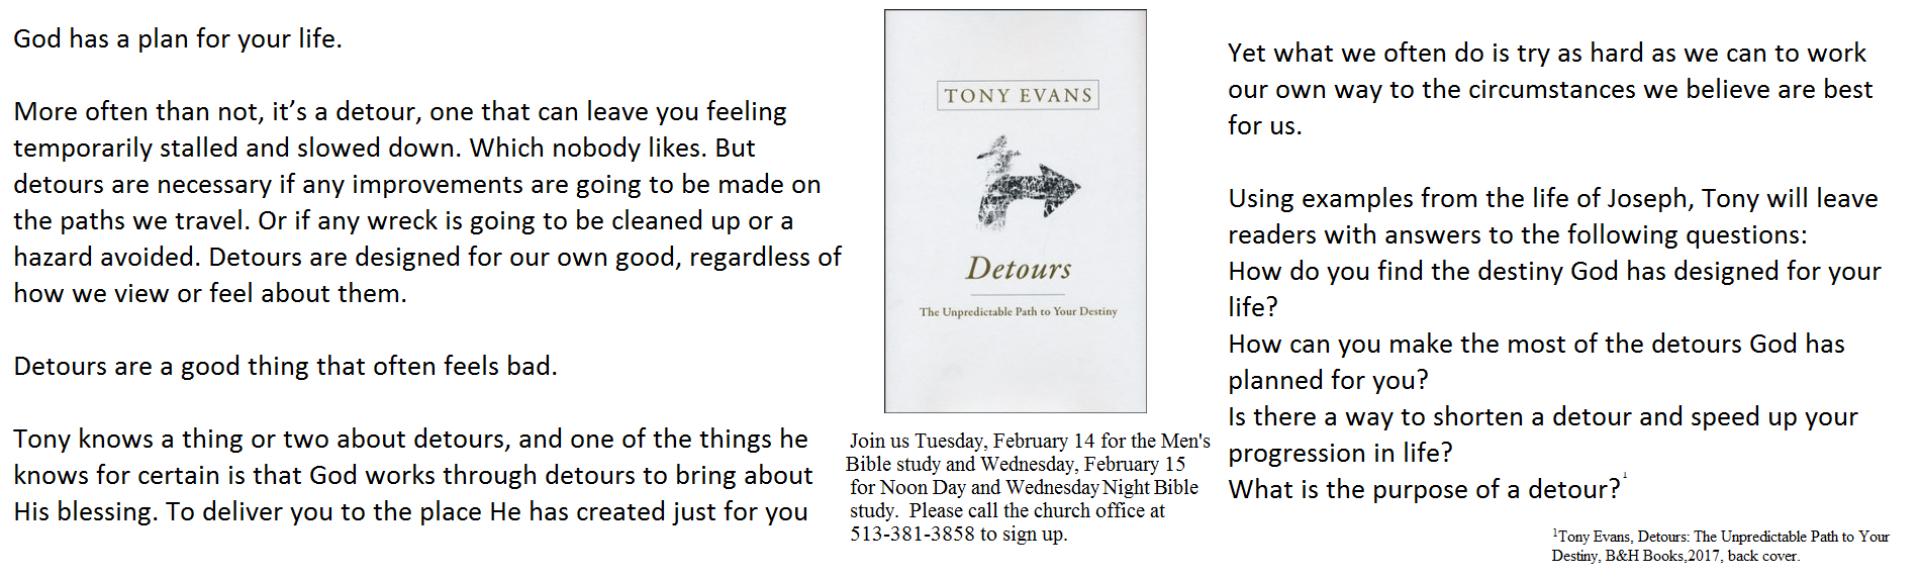 Tony Evans Detours